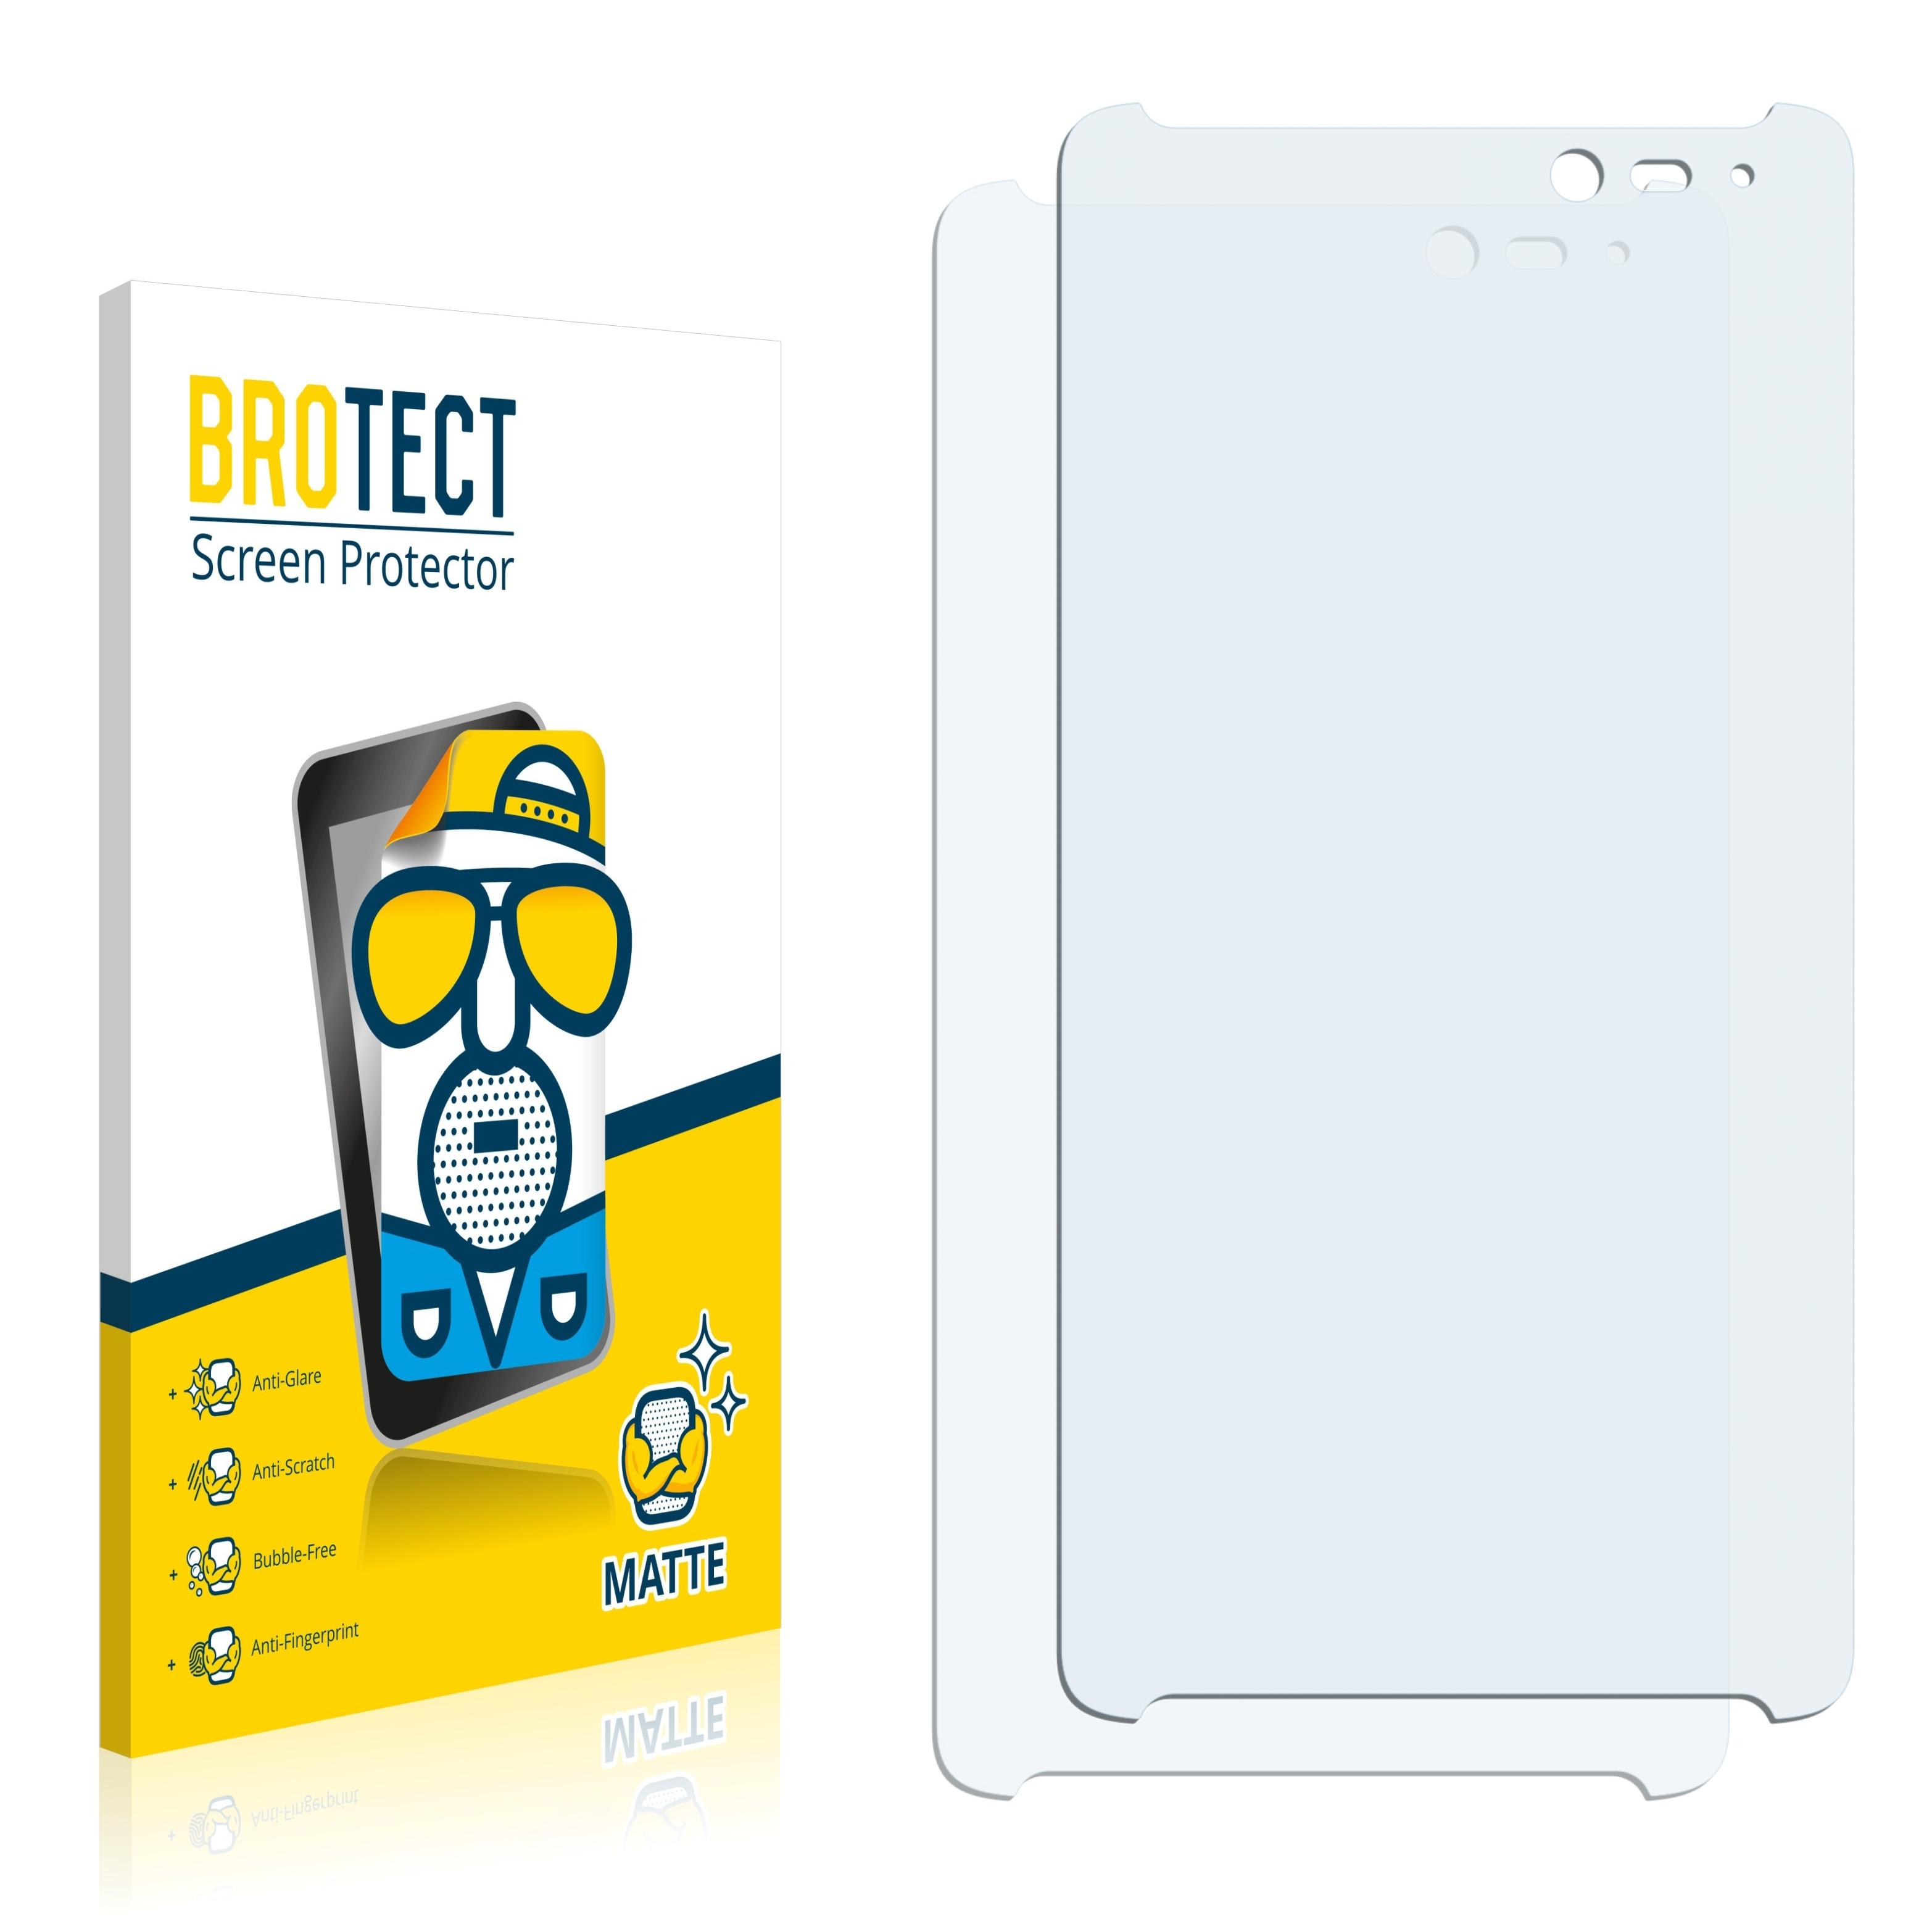 Matná ochranná fólie BROTECT pro Acer Liquid E600 LTE, 2 ks